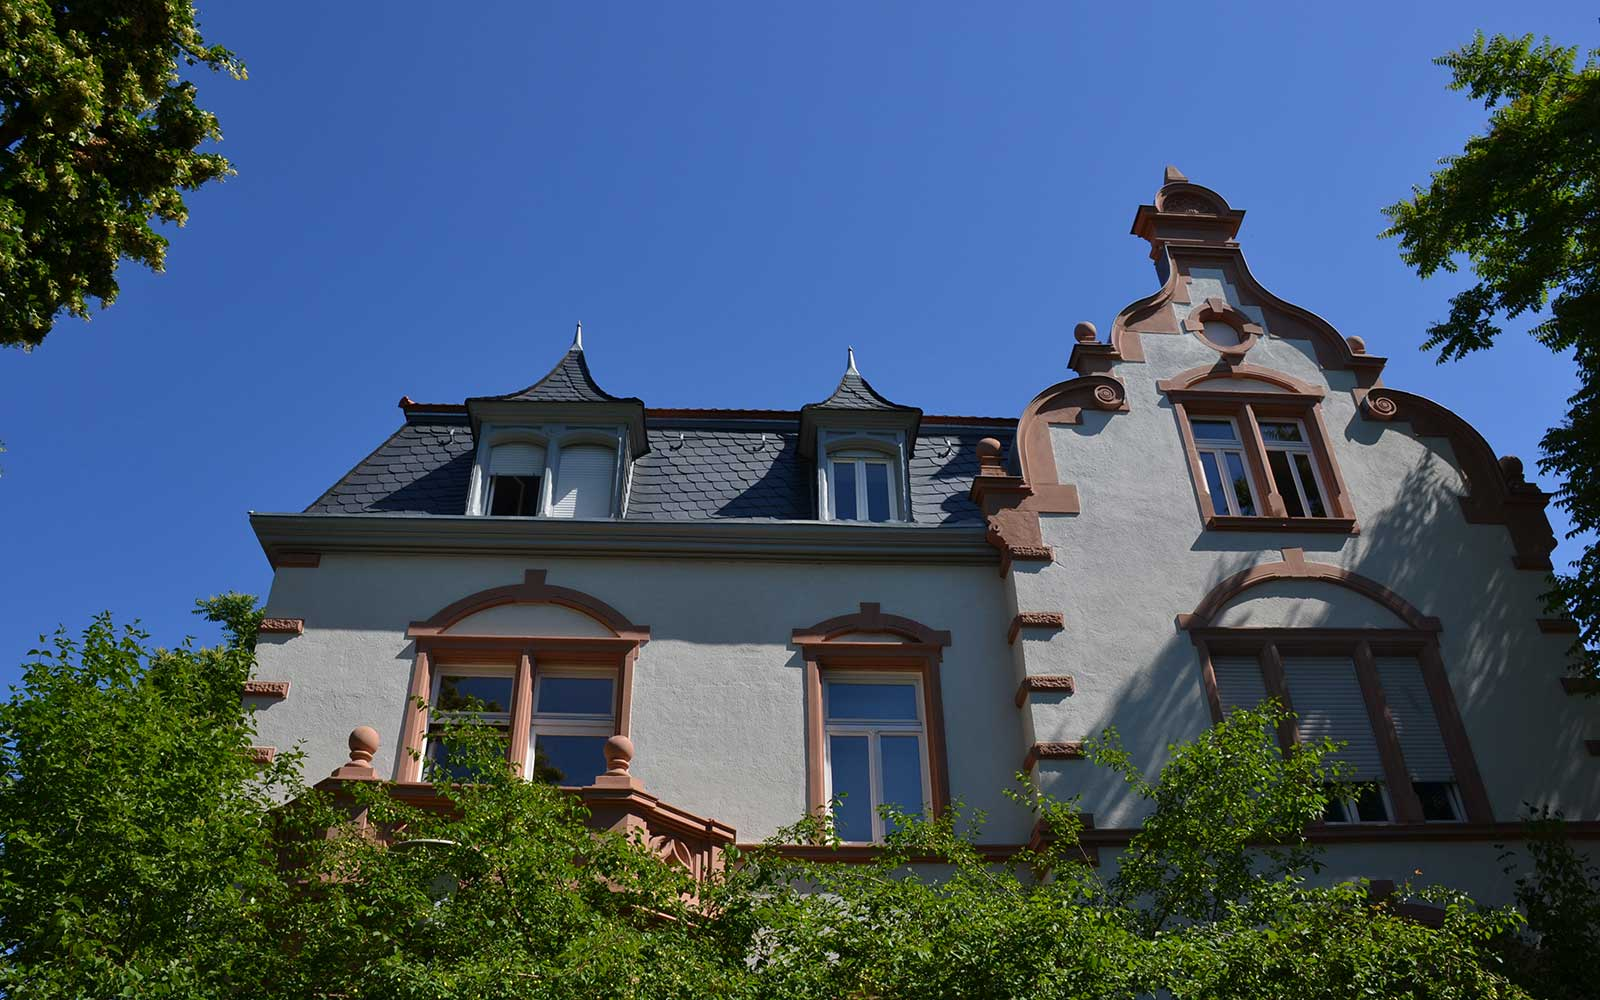 Altbausanierung in der Weststadt in Heidelberg, Kochhan und Weckbach Architekten Heidelberg